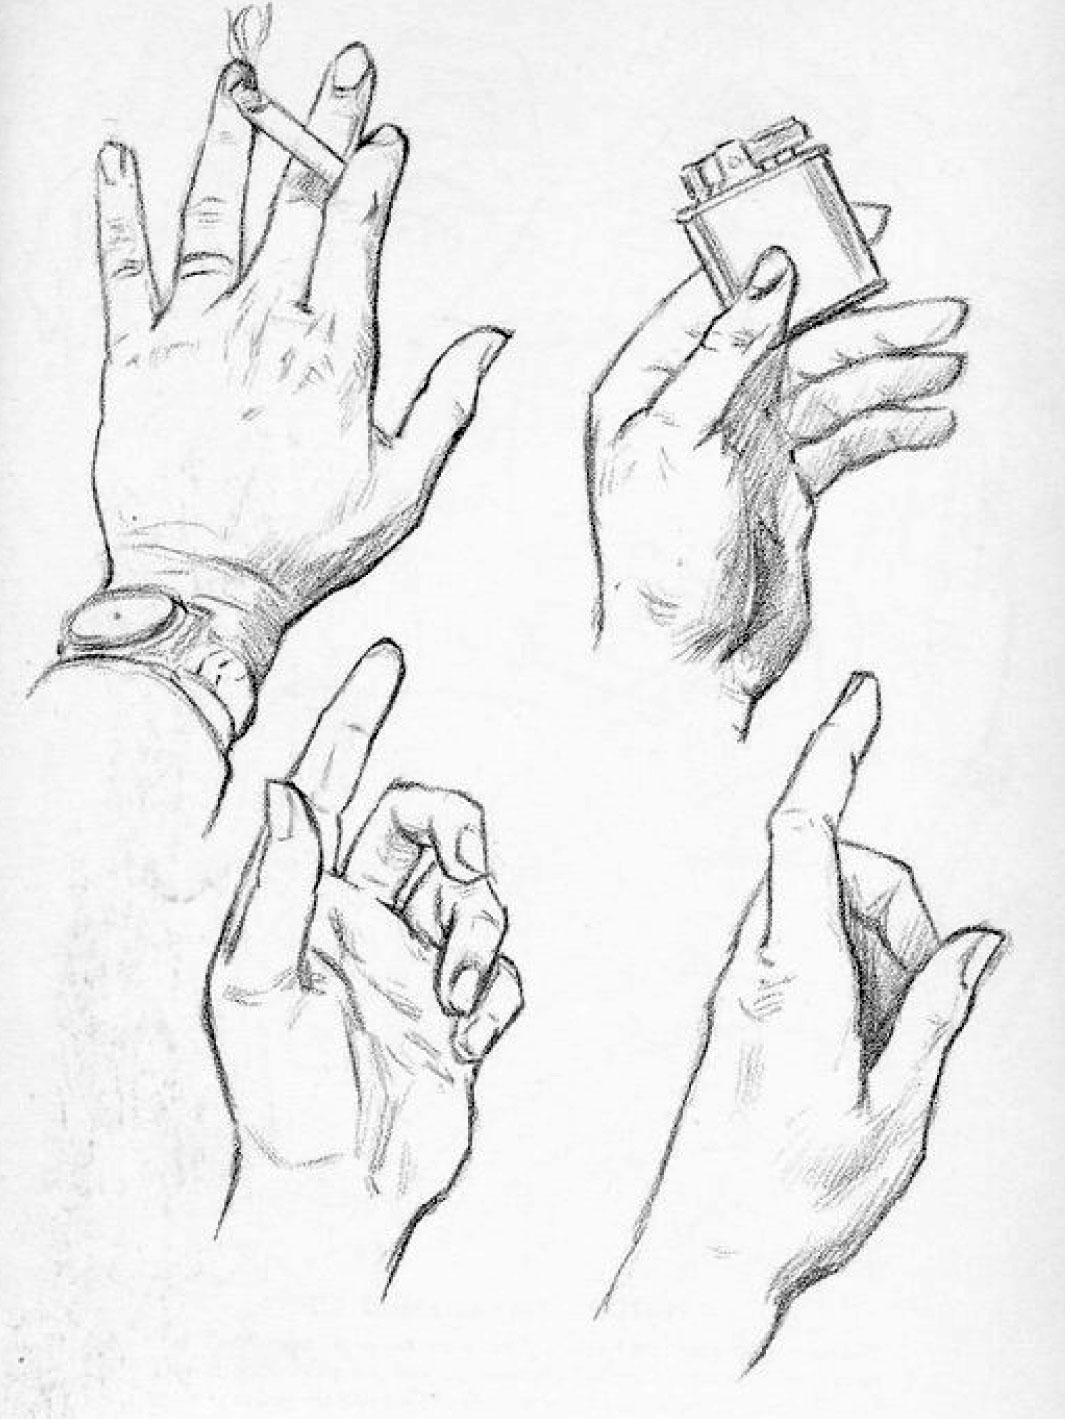 Come Si Disegnano Le Mani Secondo Andrew Loomis Circolo D Arti